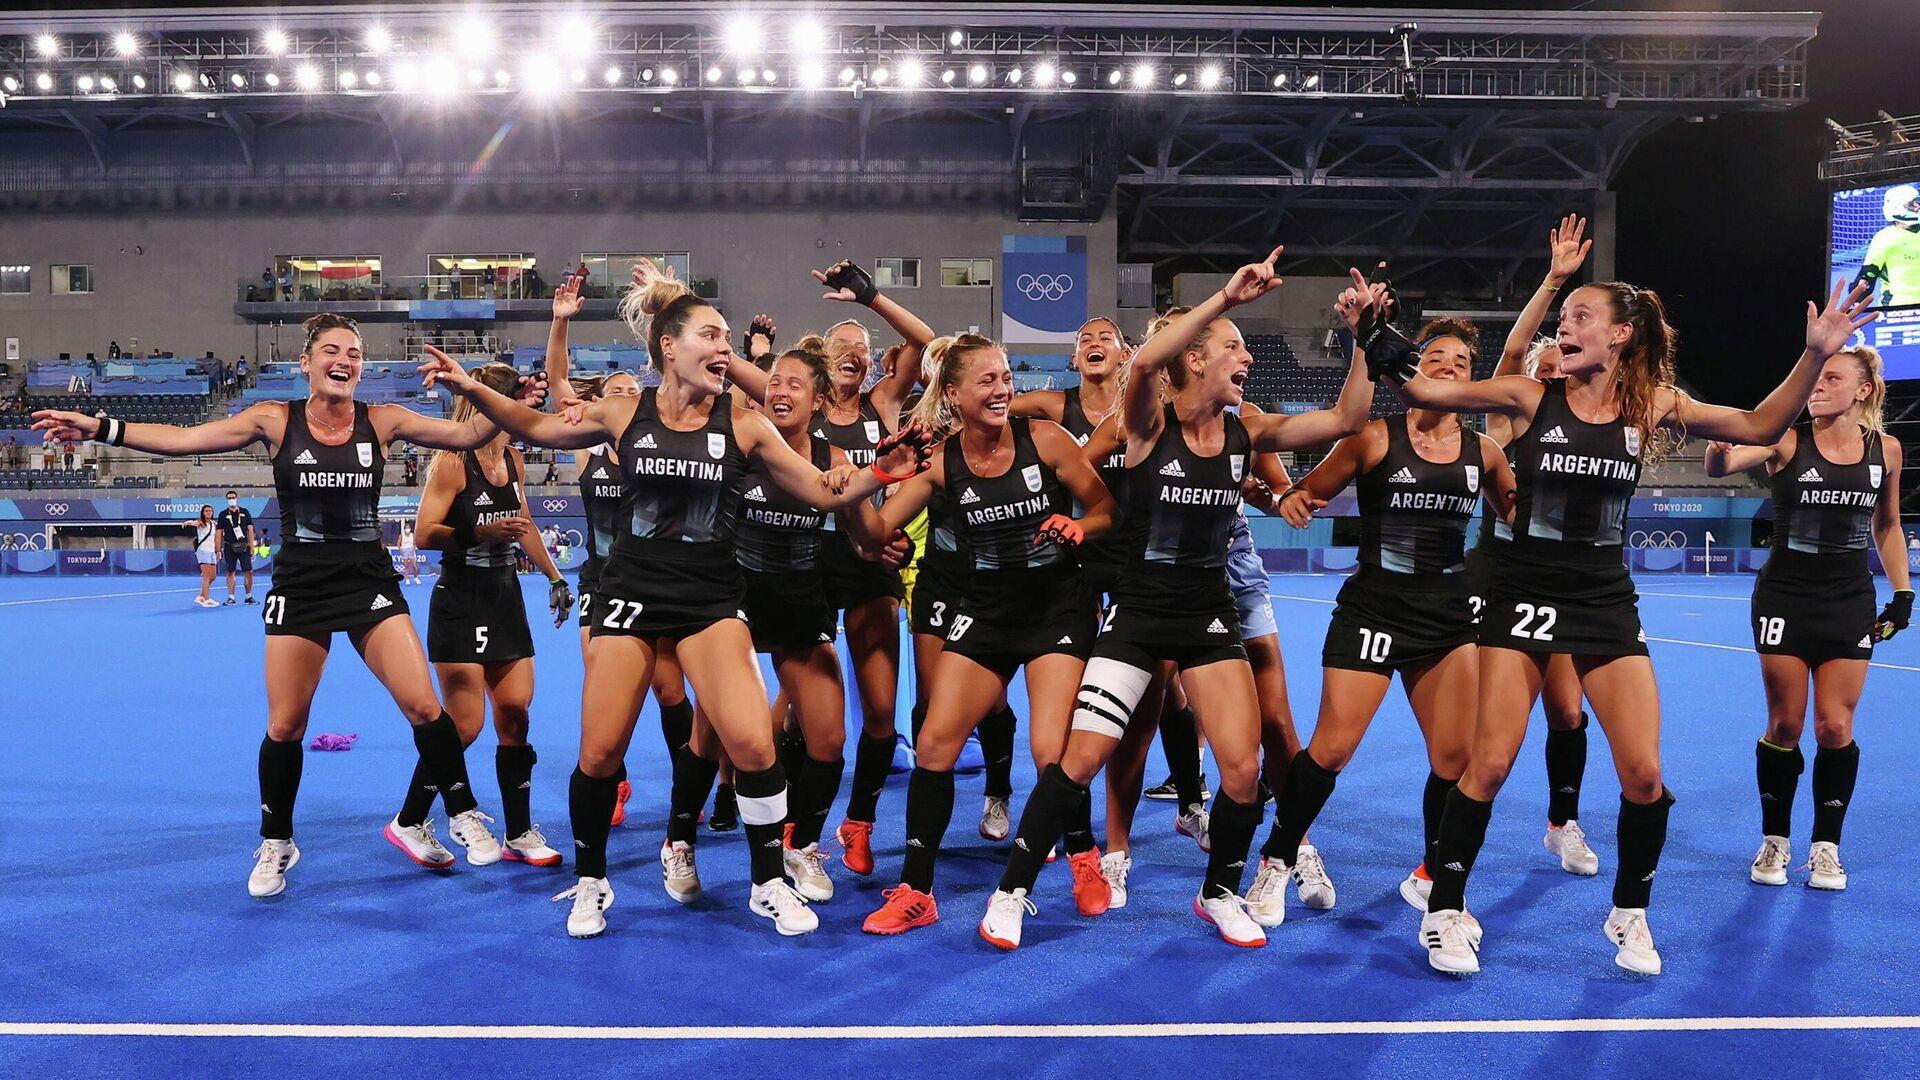 La selección femenina de hockey de Argentina llega a la final de los JJOO - Sputnik Mundo, 1920, 04.08.2021